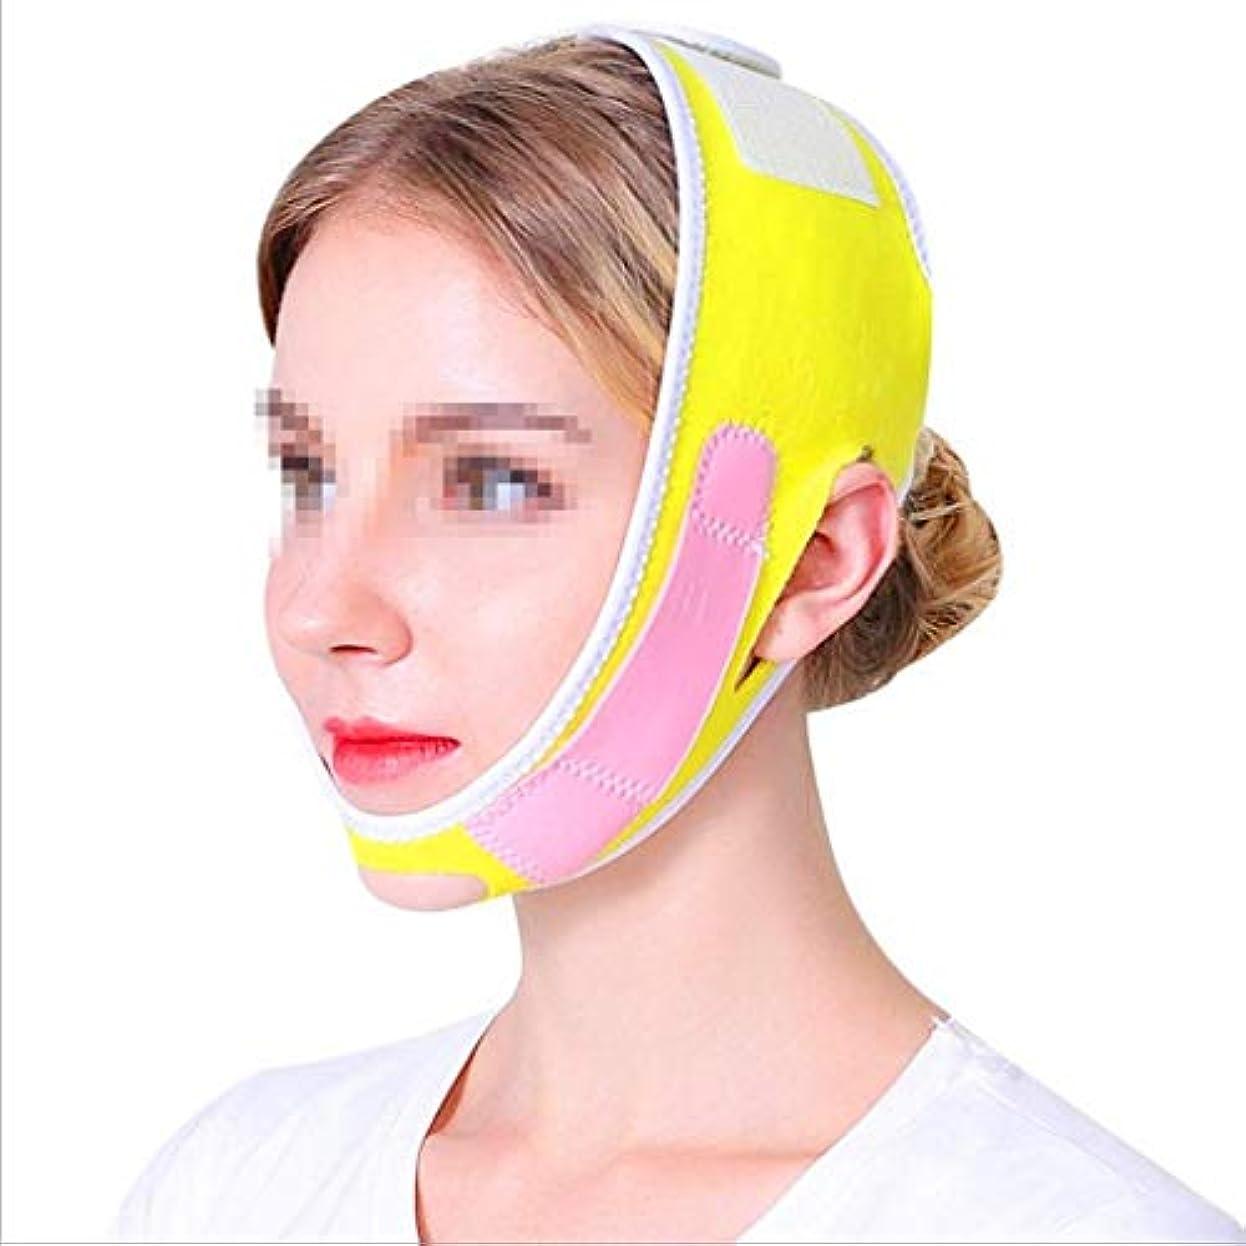 脈拍下着脈拍フェイスリフトマスク、Vフェイスフェイシャルリフティング、およびローラインにしっかりと締め付けます二重あごの美容整形包帯マルチカラーオプション(カラー:イエロー),黄